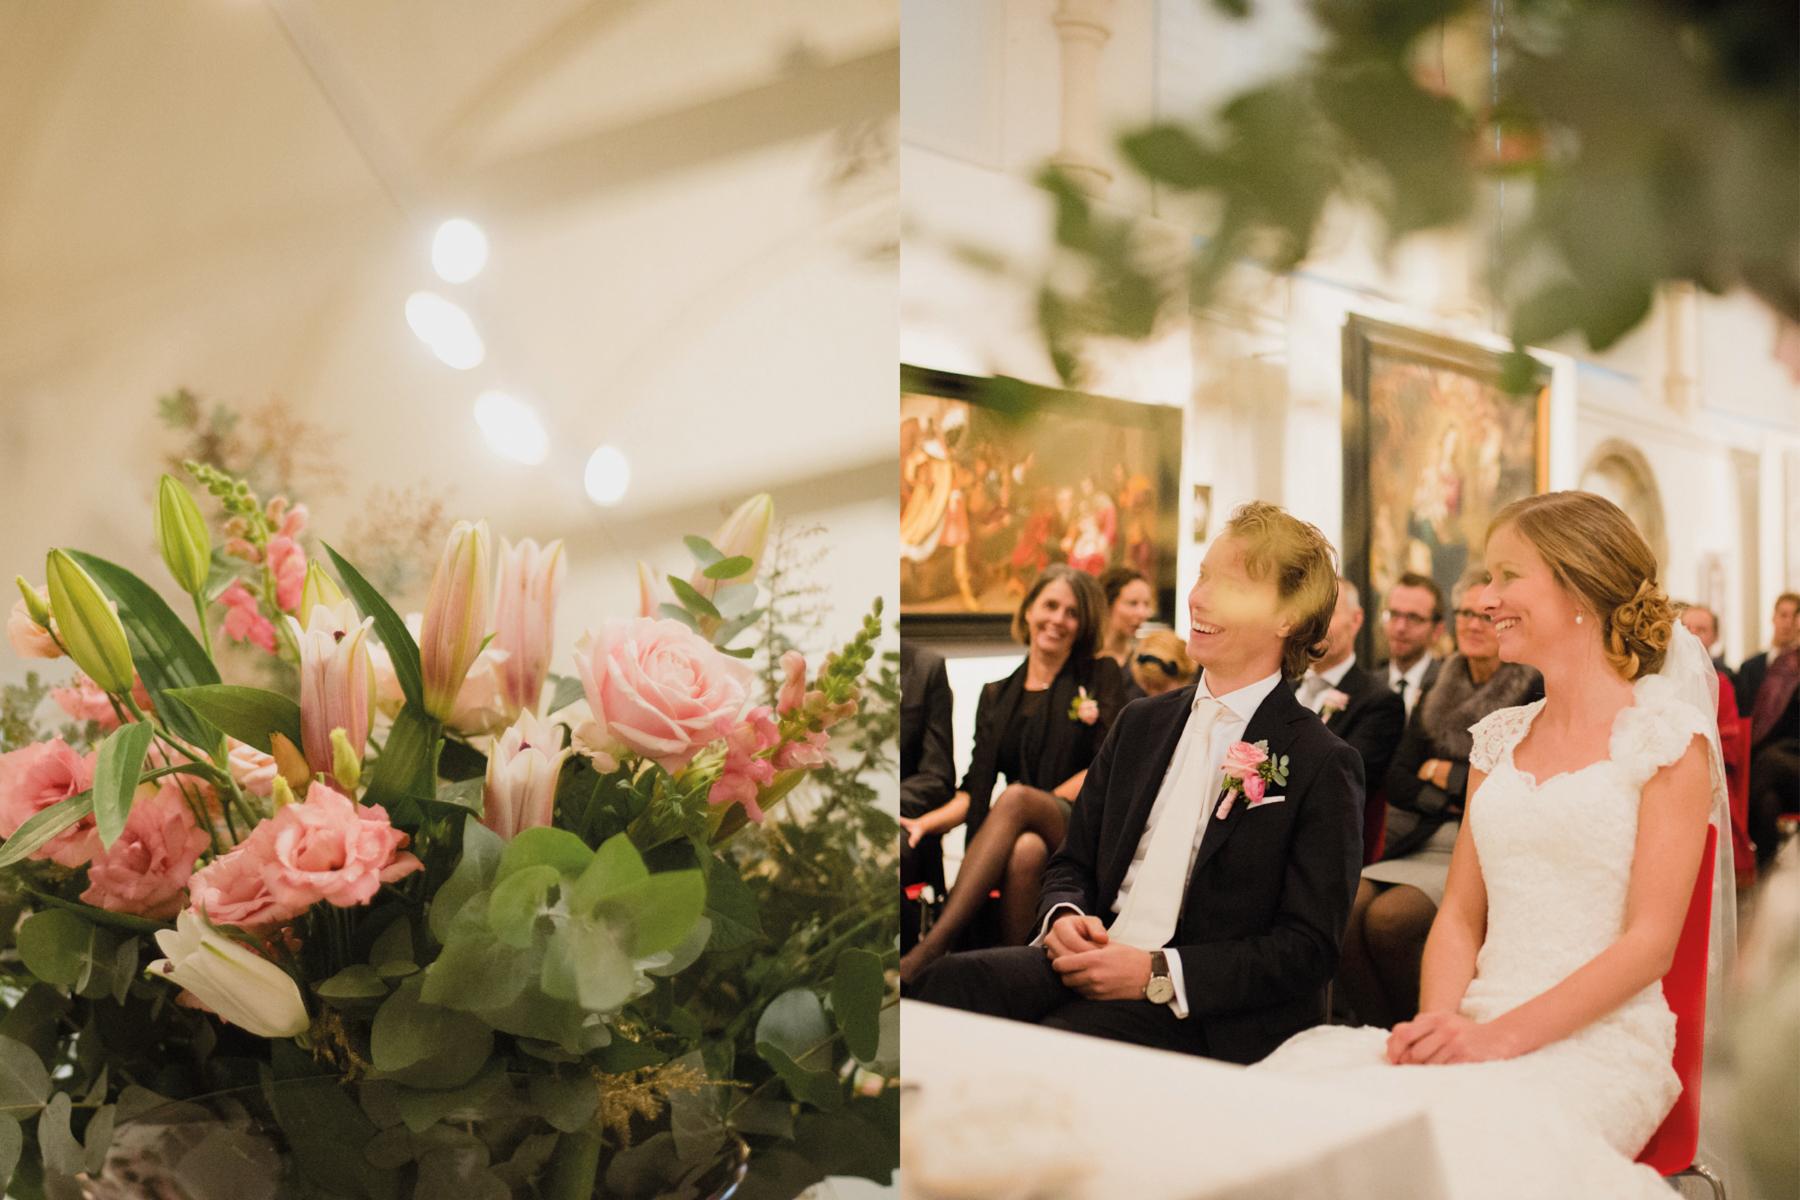 Joost en Marije trouwen in Gouda (39 van 57)